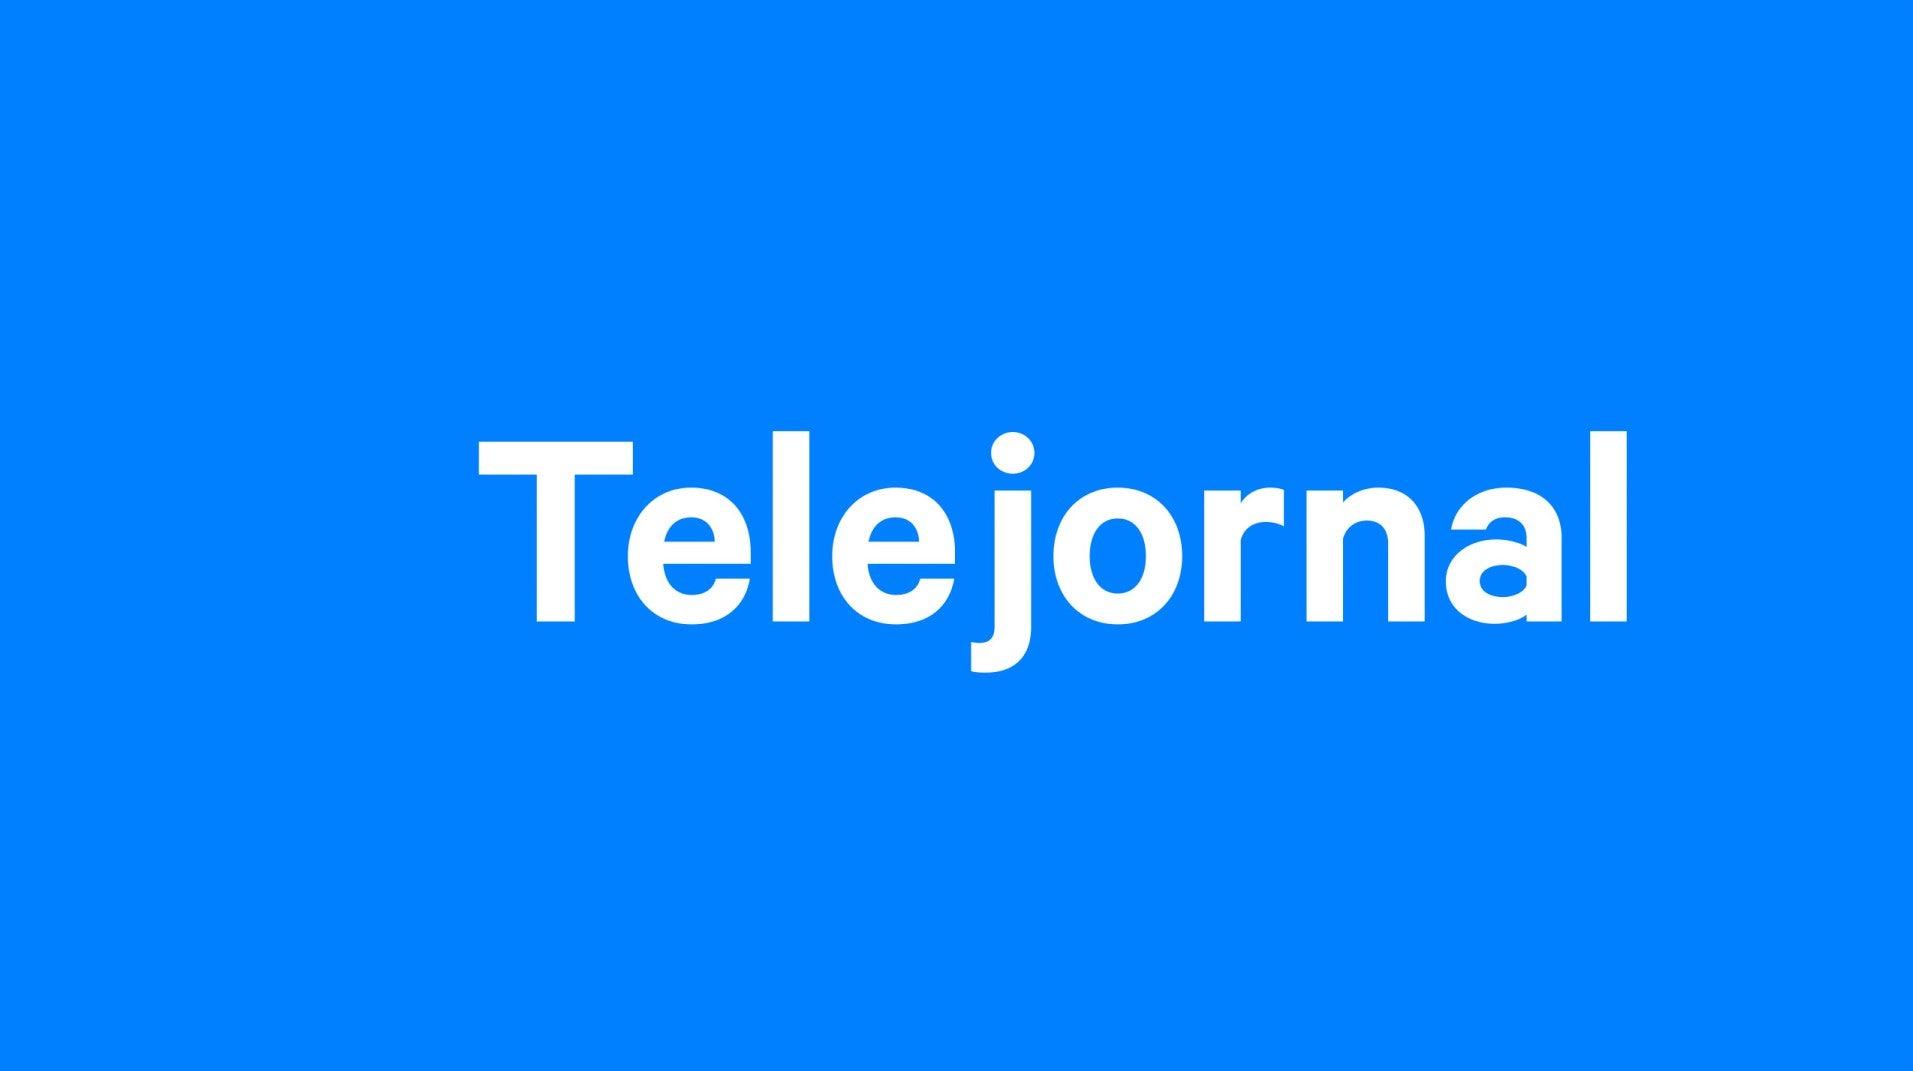 Telejornal